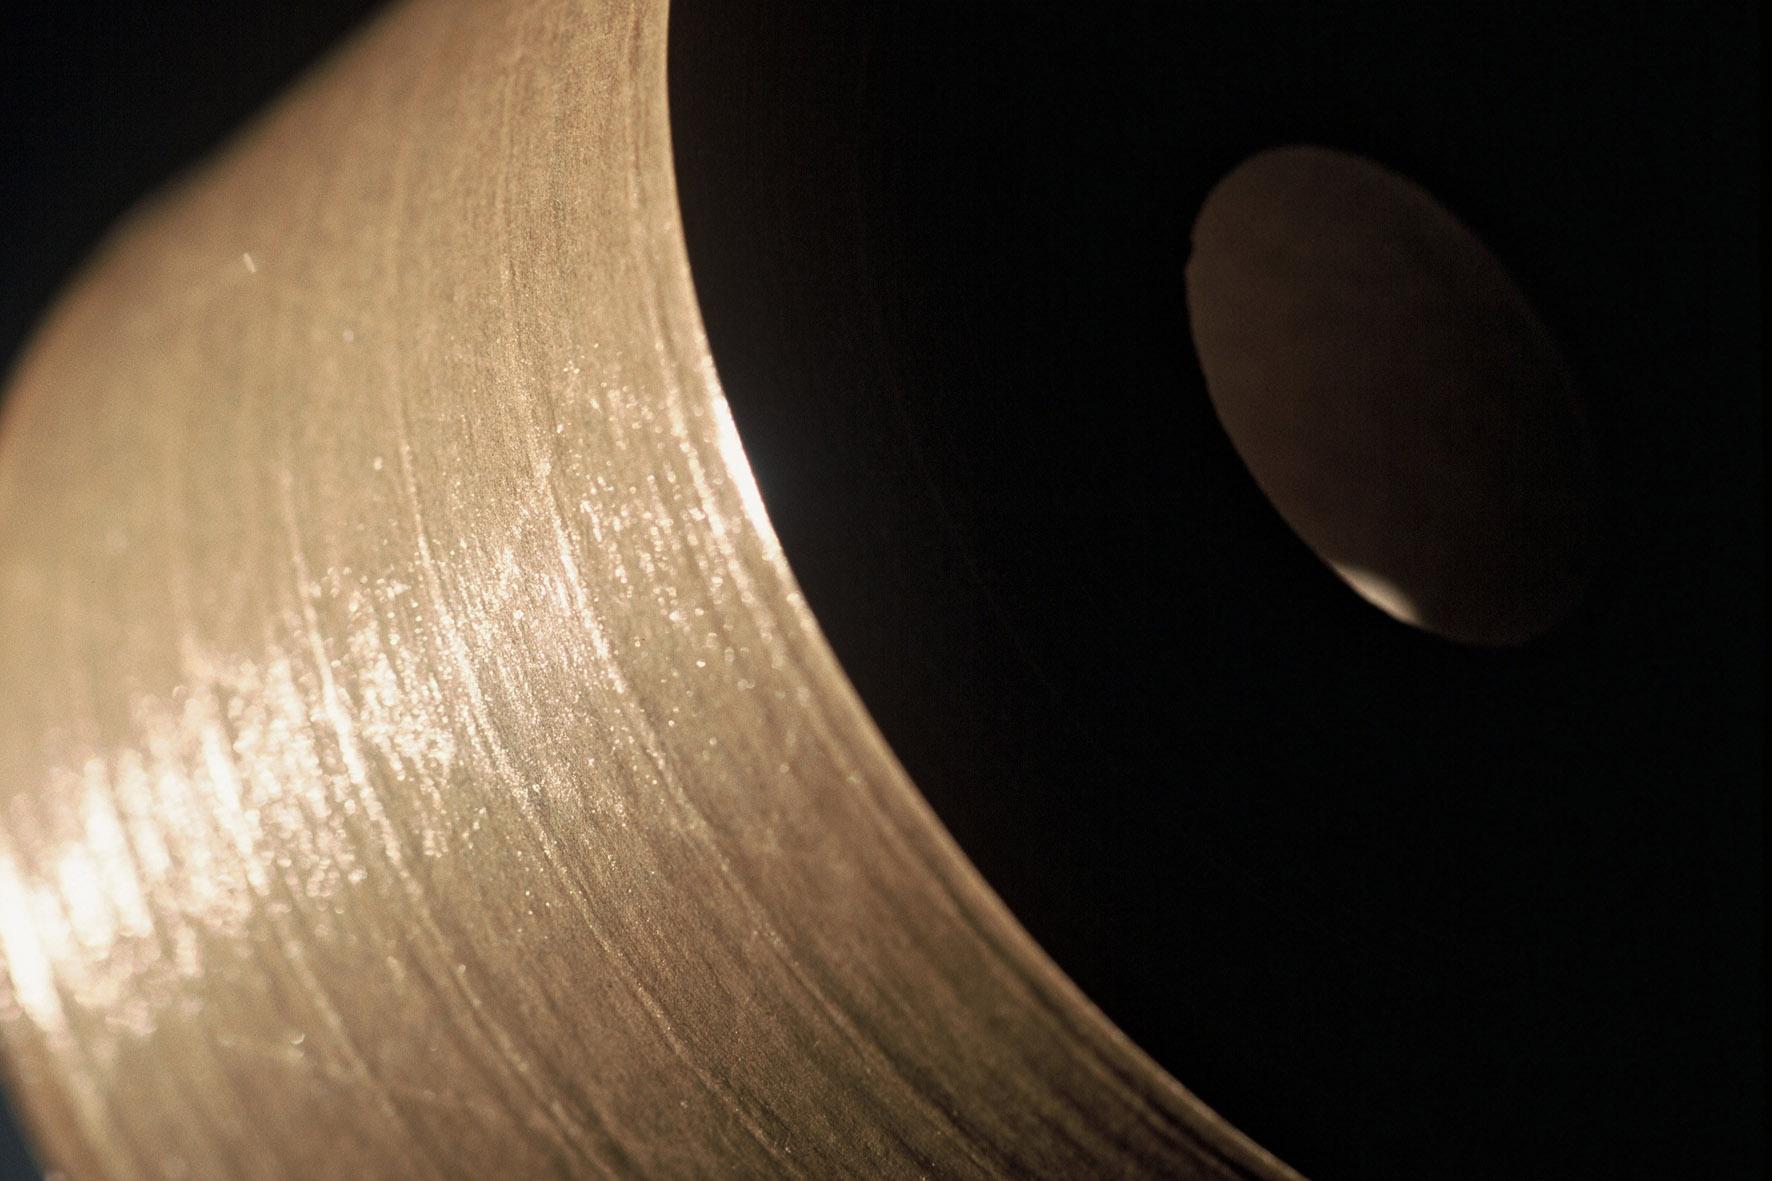 Papiers gommés renforcés - Fiberforce